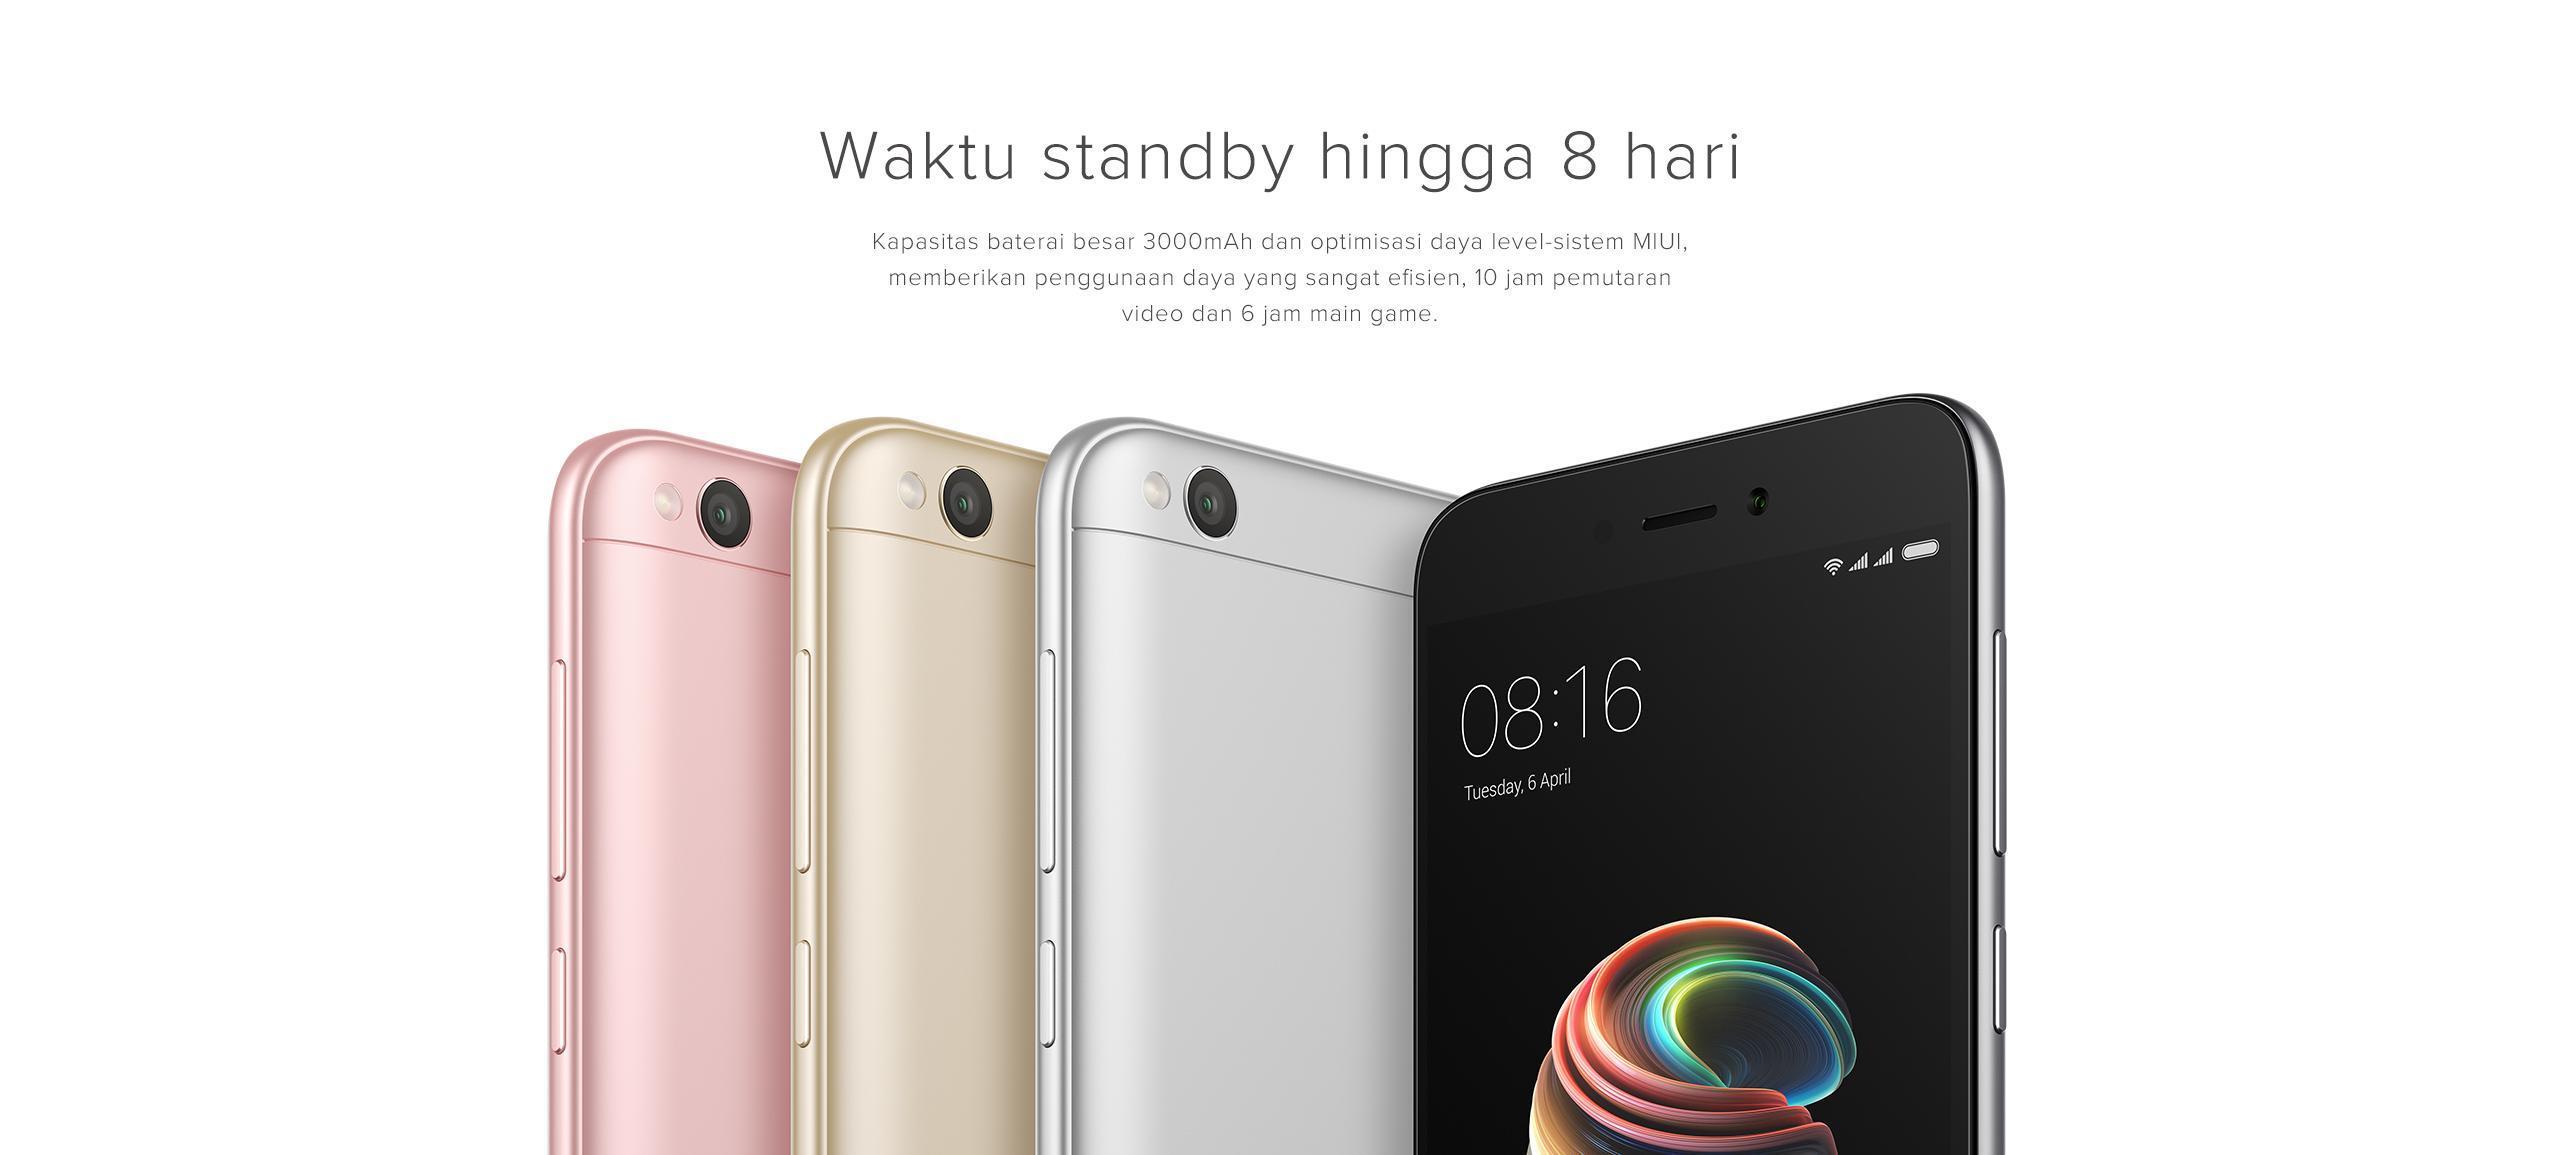 Xiaomi Redmi 5A saat ini menjadi salah satu smartphone yang terkenal dengan smartphone Android dengan harga murah tapi memiliki desain mewah serta